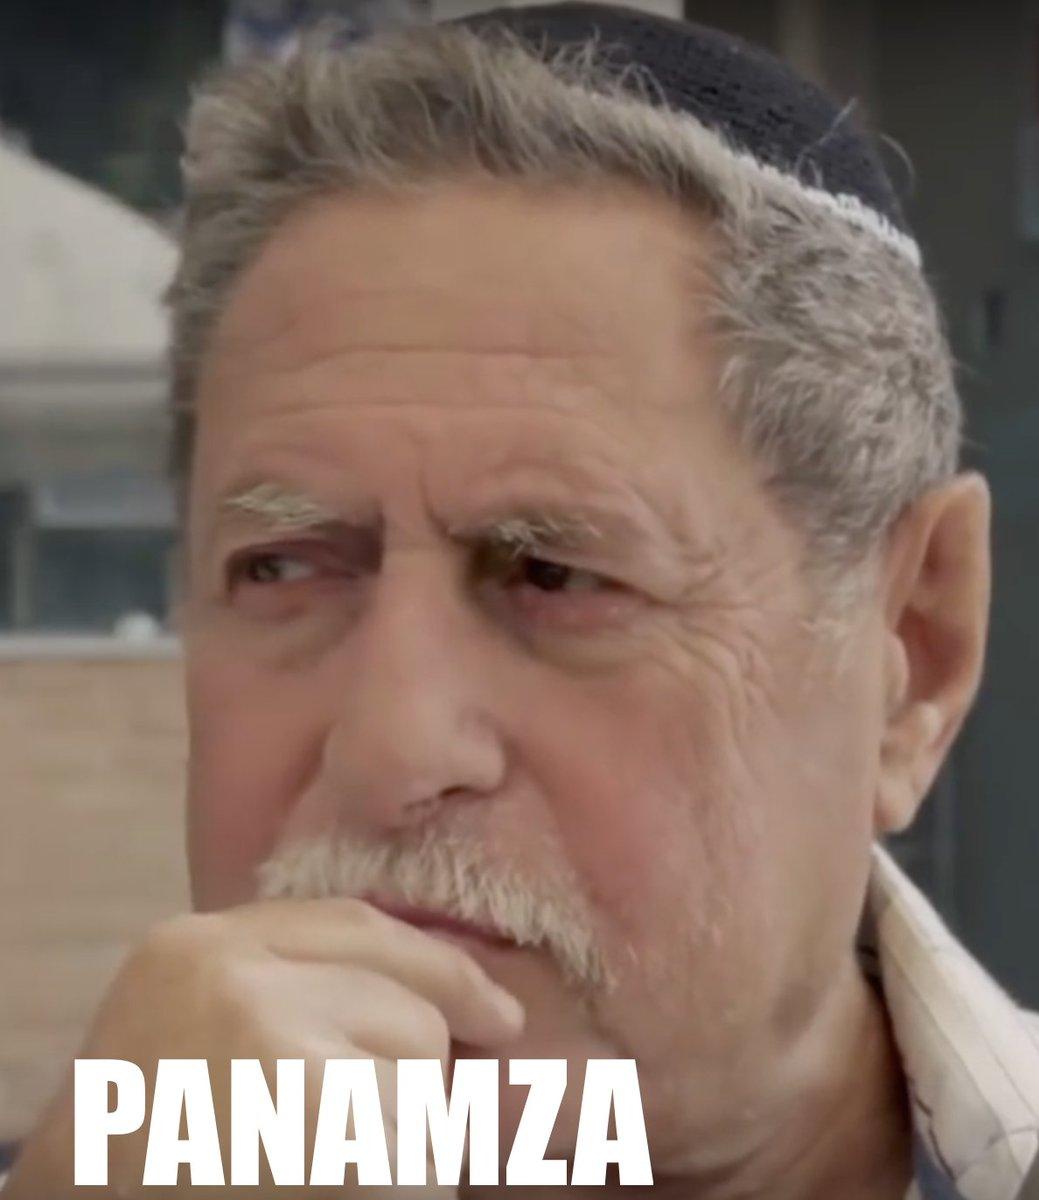 Panamza menacé de prison à cause d'un fou furieux israélien : silence des médias, profil bas des militants